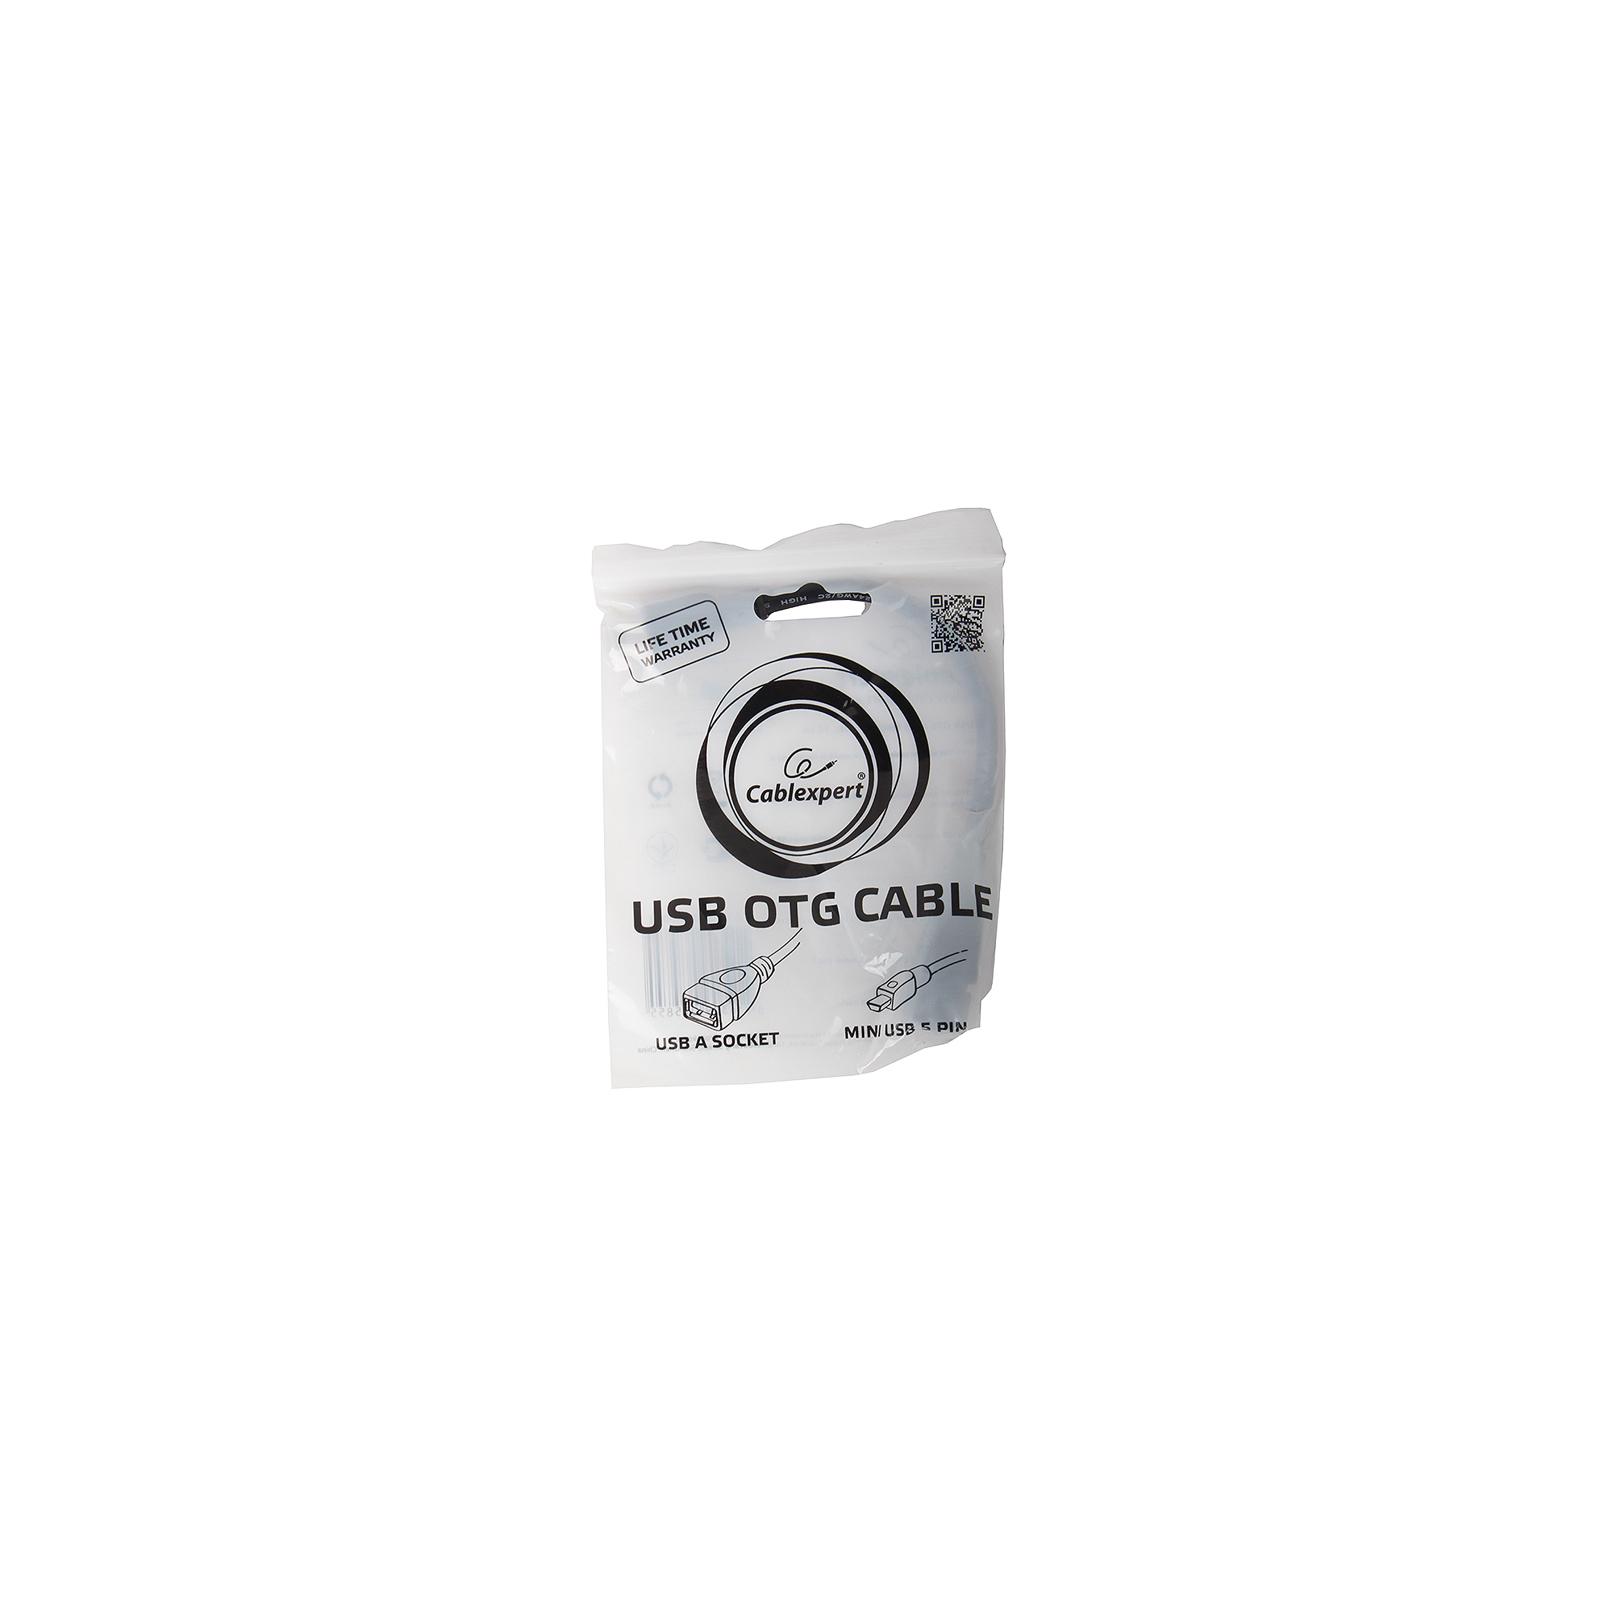 Дата кабель MAXXTRO OTG USB2.0, AF-MiniUSB 5P (U-AF5P-OTG) изображение 4